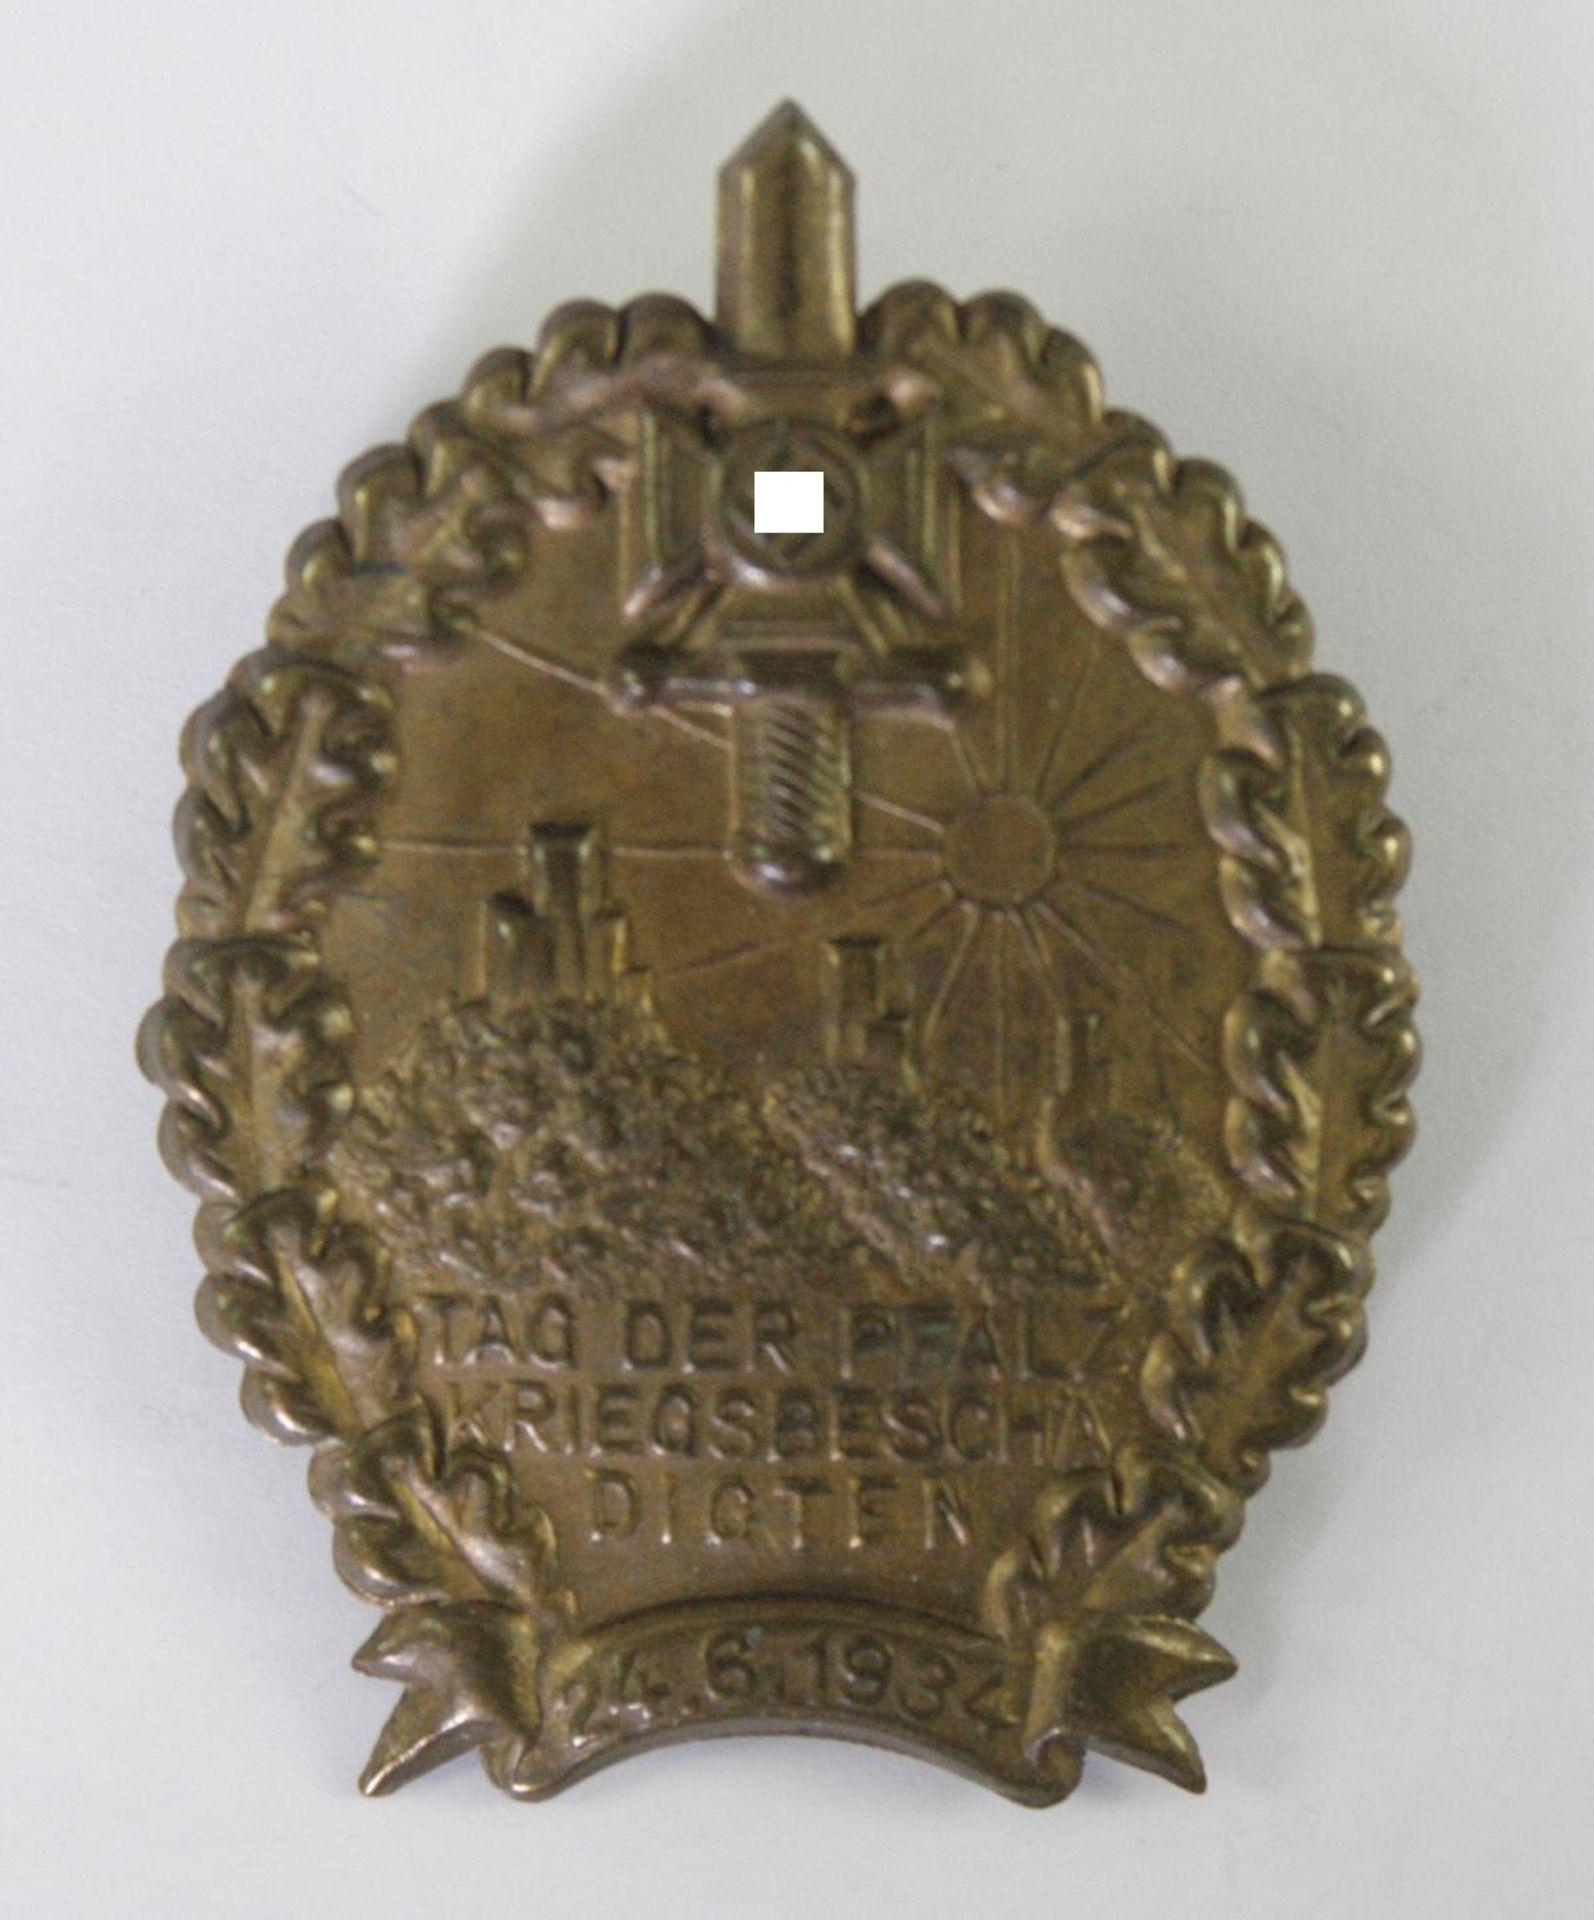 Abzeichen, NSKOV (NS-Kriegsopferversorgung) Tag der pfälzischen Kriegsbeschädigten 24.6.1934